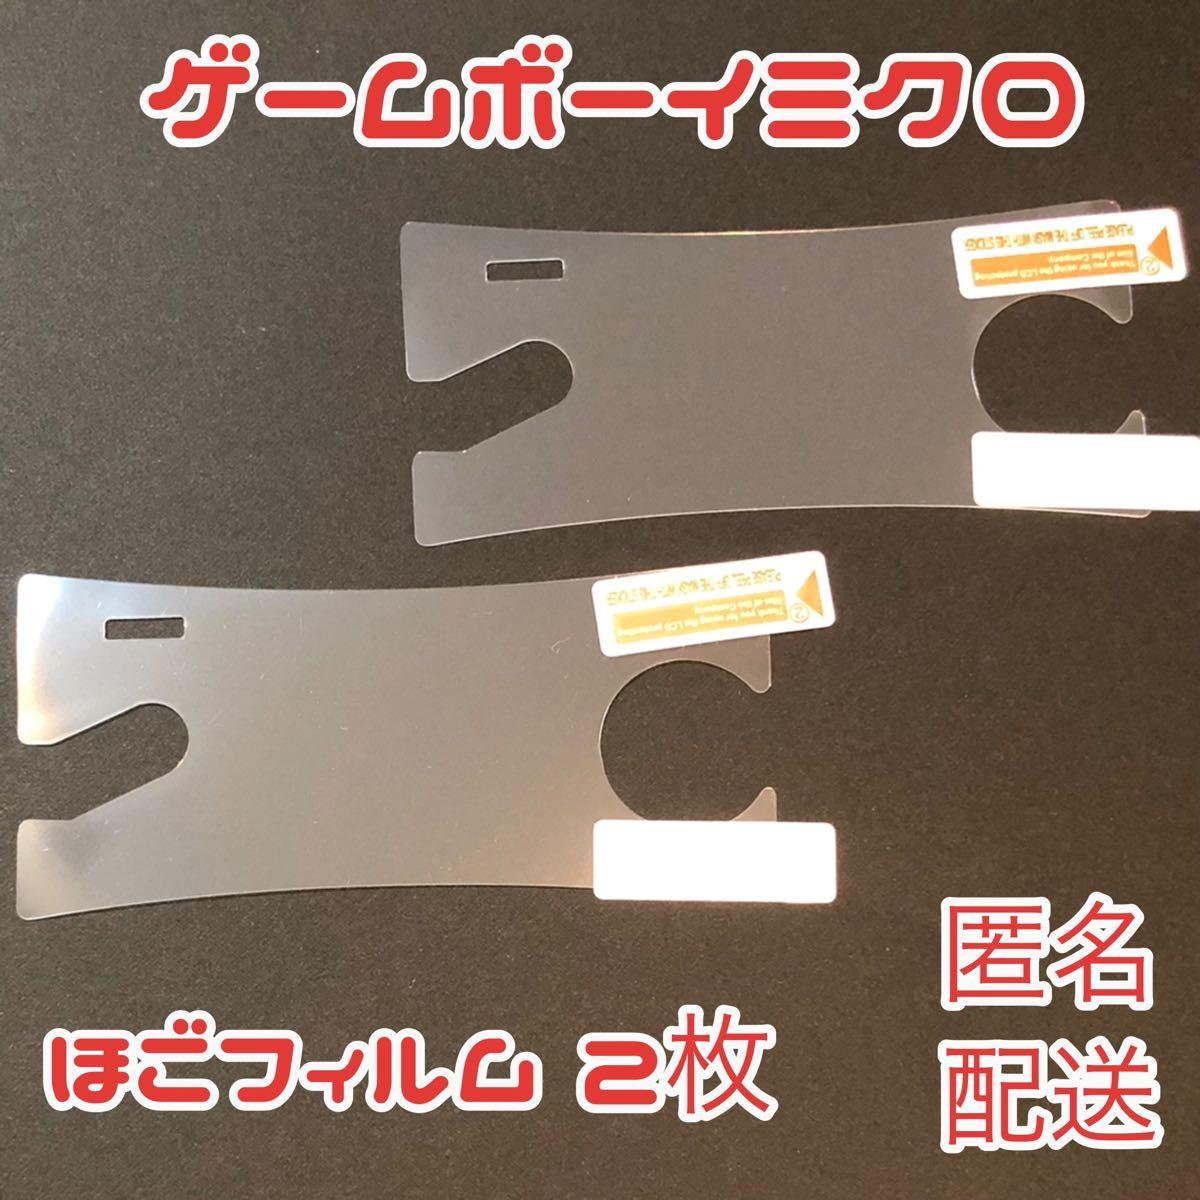 ゲームボーイミクロ 液晶保護フィルム 2枚